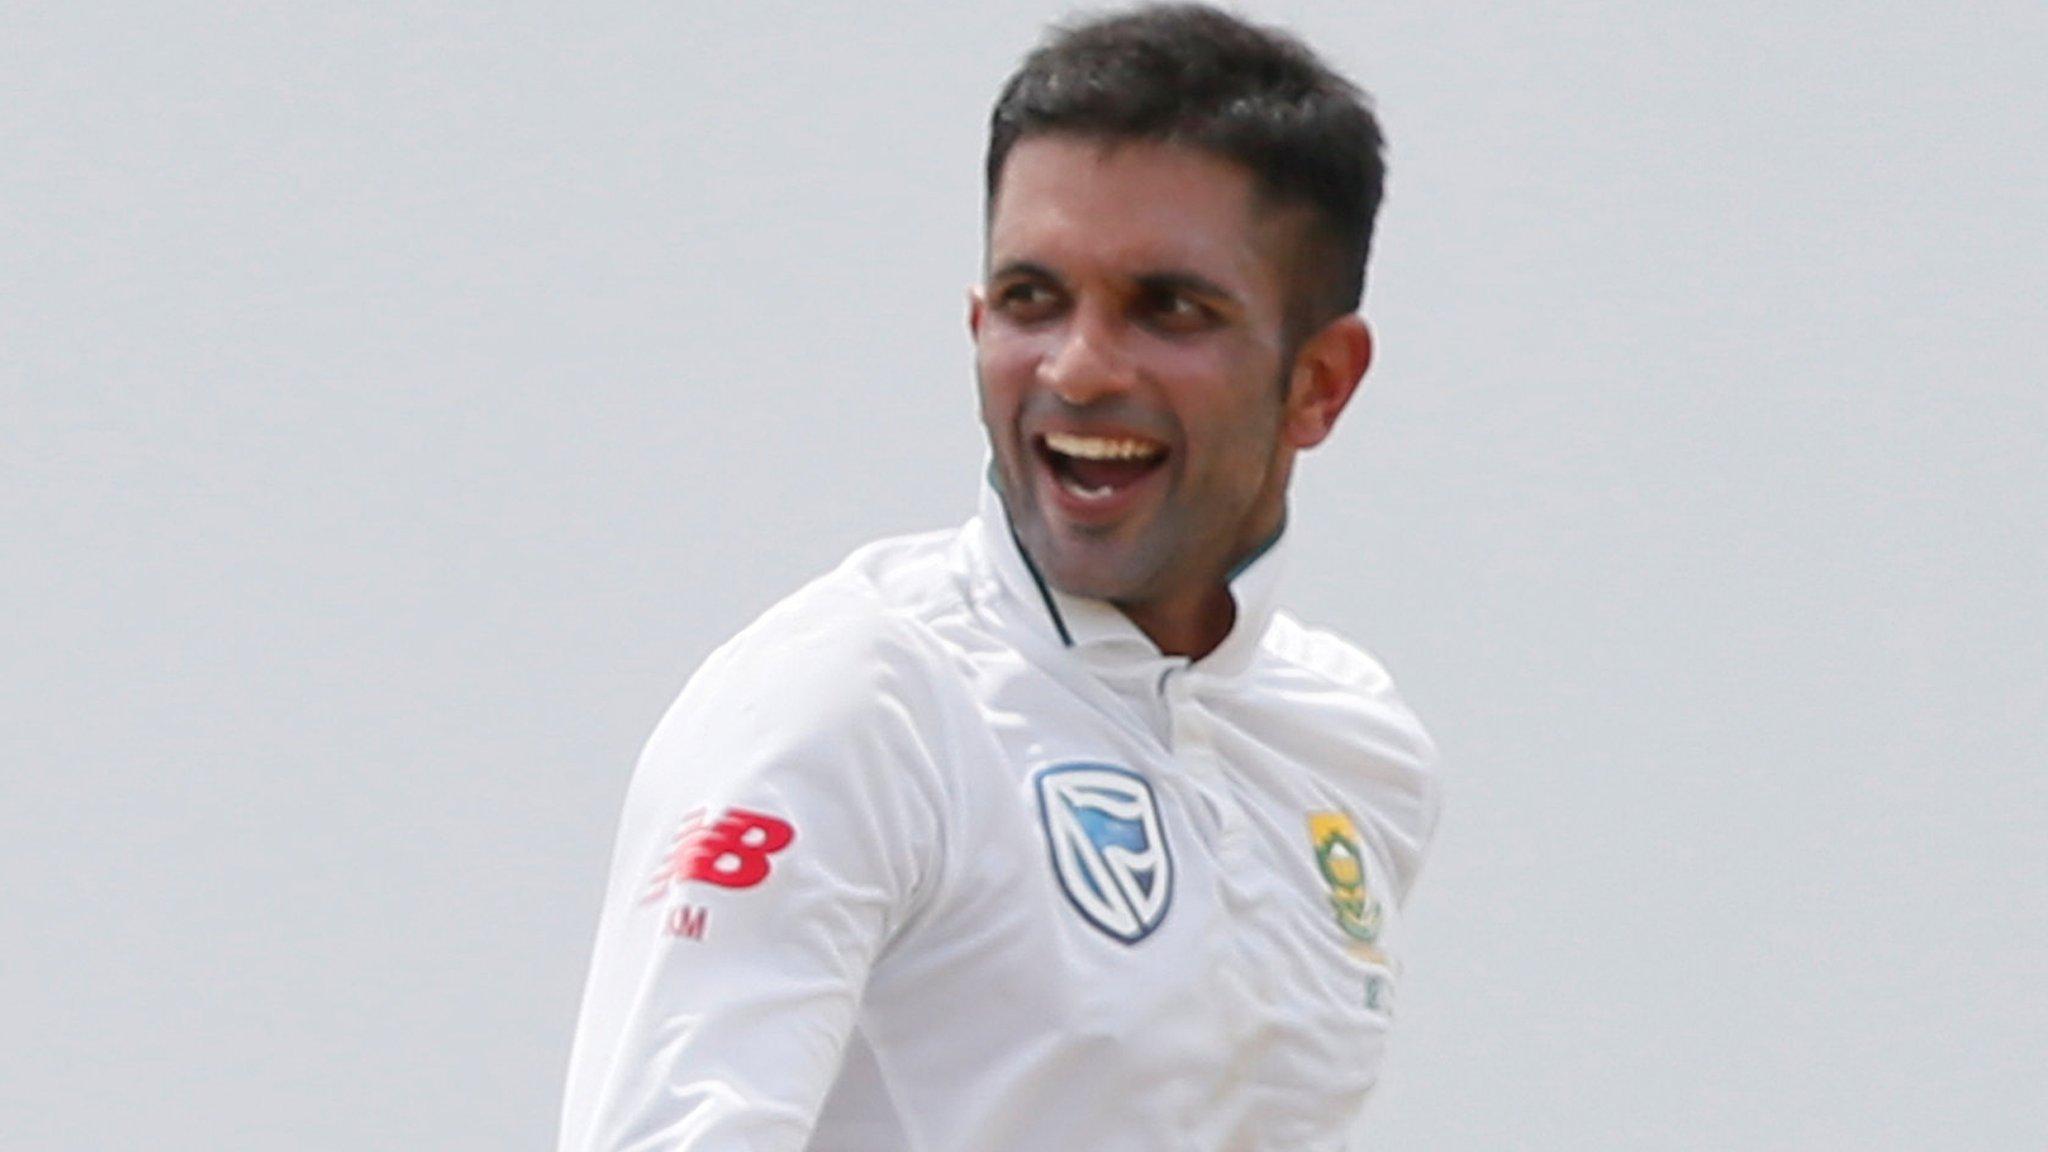 Keshav Maharaj: South Africa spinner takes 9-129 against Sri Lanka